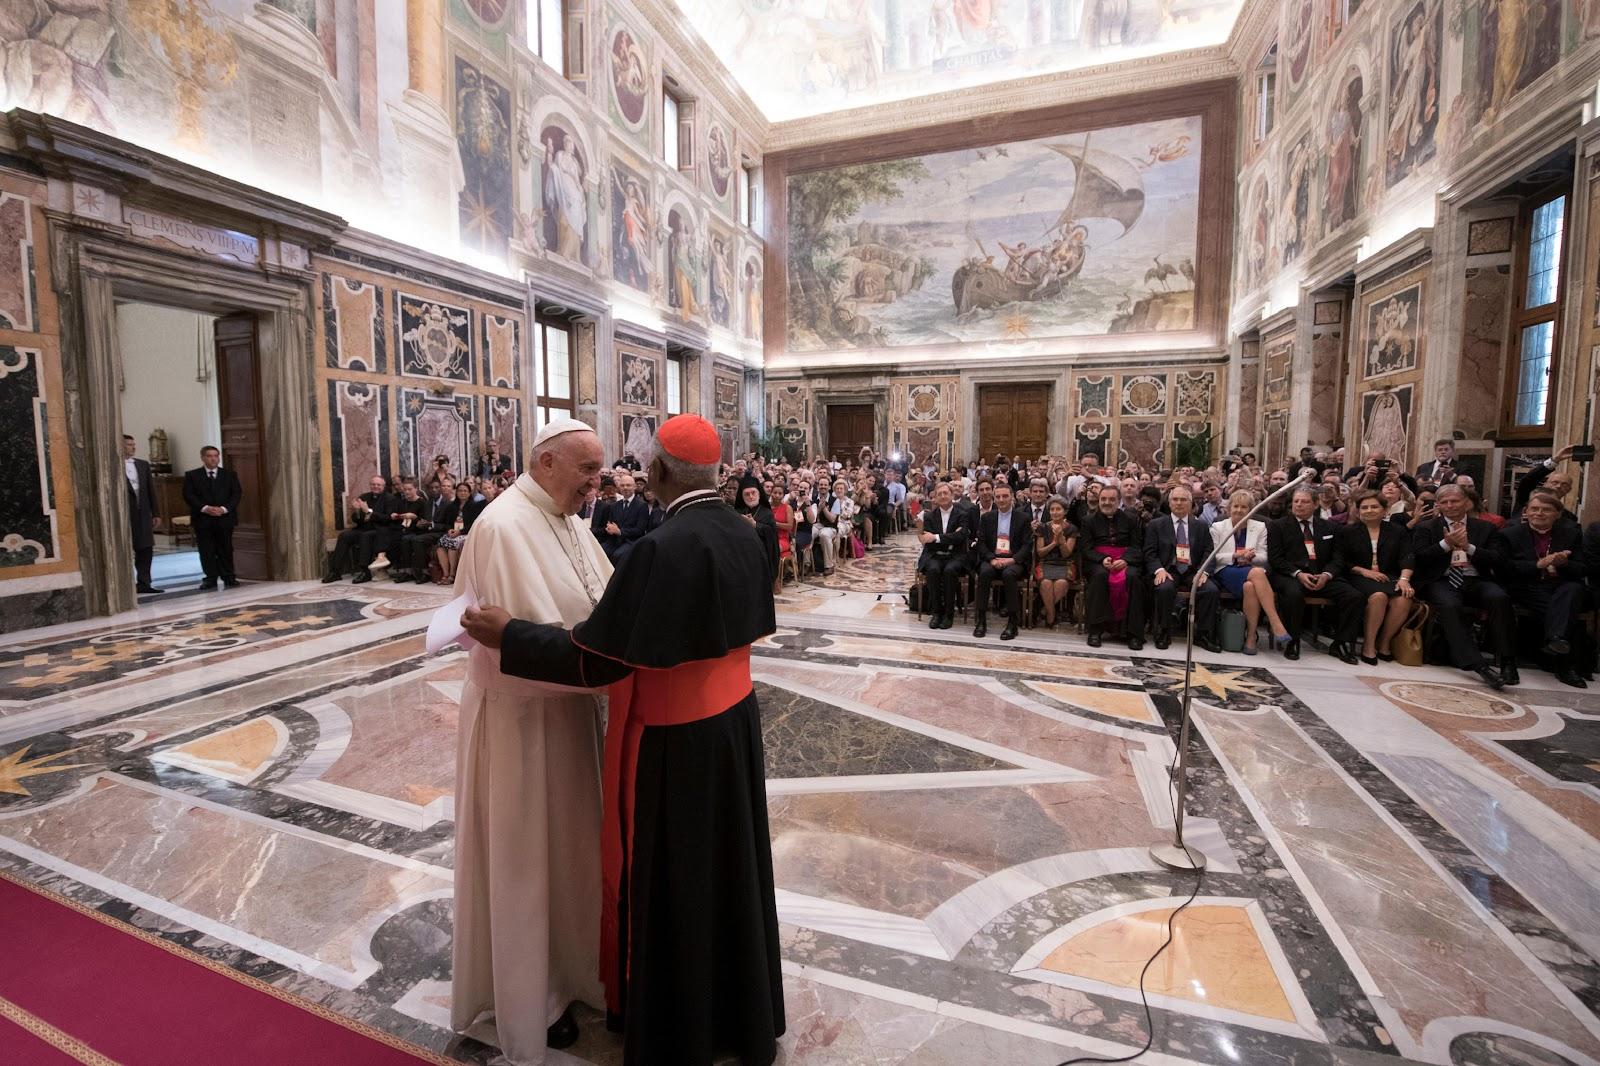 Đức Thánh Cha nói về việc Cứu Trái đất: Chúng ta hãy suy nghĩ về những chỉ thị của Chúa cho Thánh Phanxico Assisi 'Hãy đi và Sửa chữa lại Nhà của Ta'